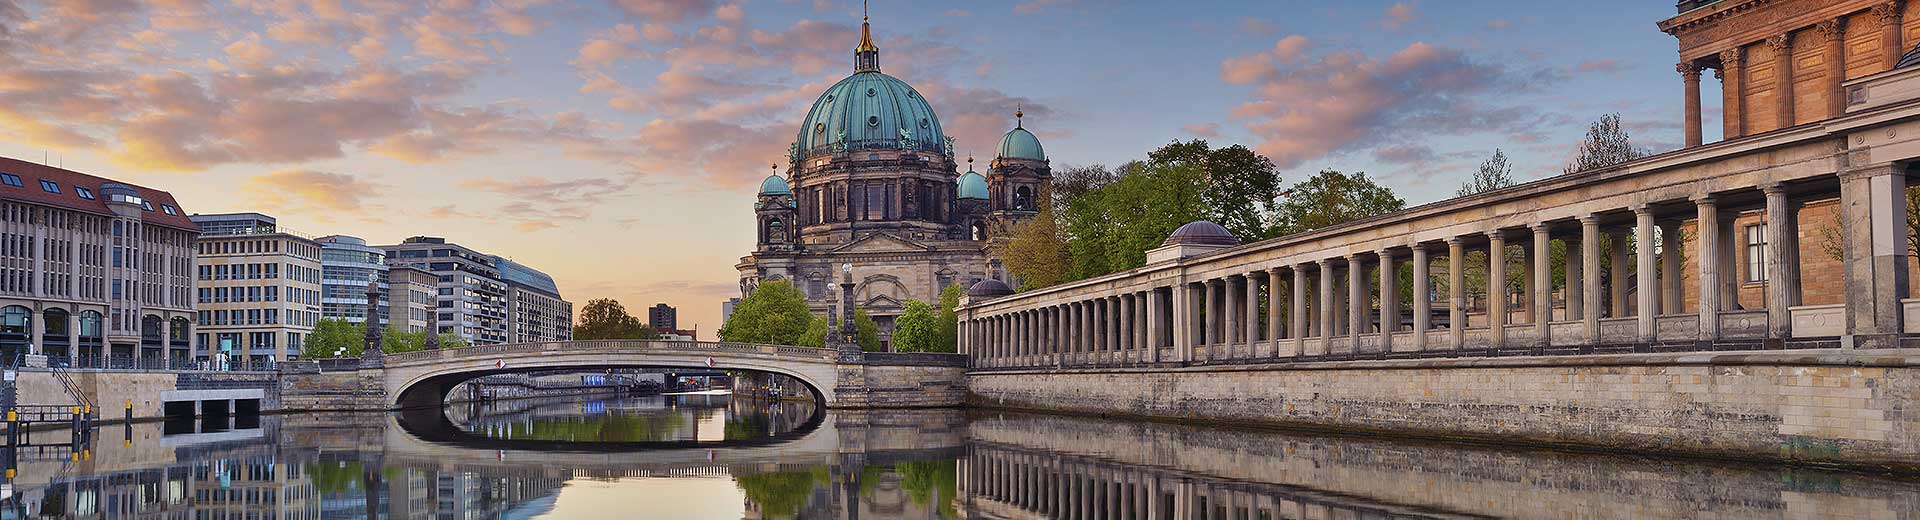 Voyages en groupe Berlin - offre économique train